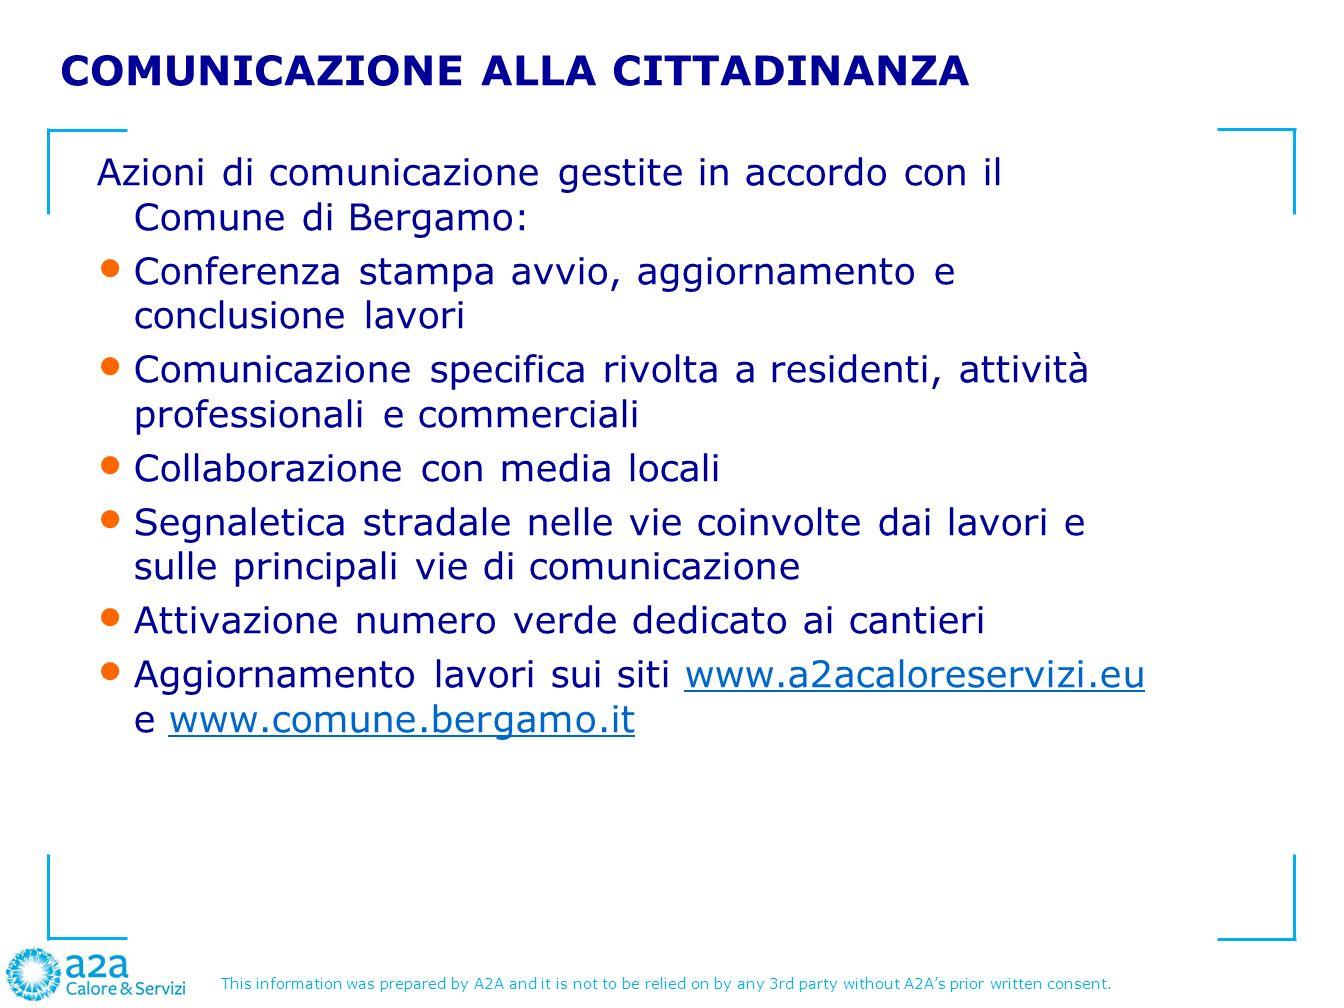 COMUNICAZIONE ALLA CITTADINANZA